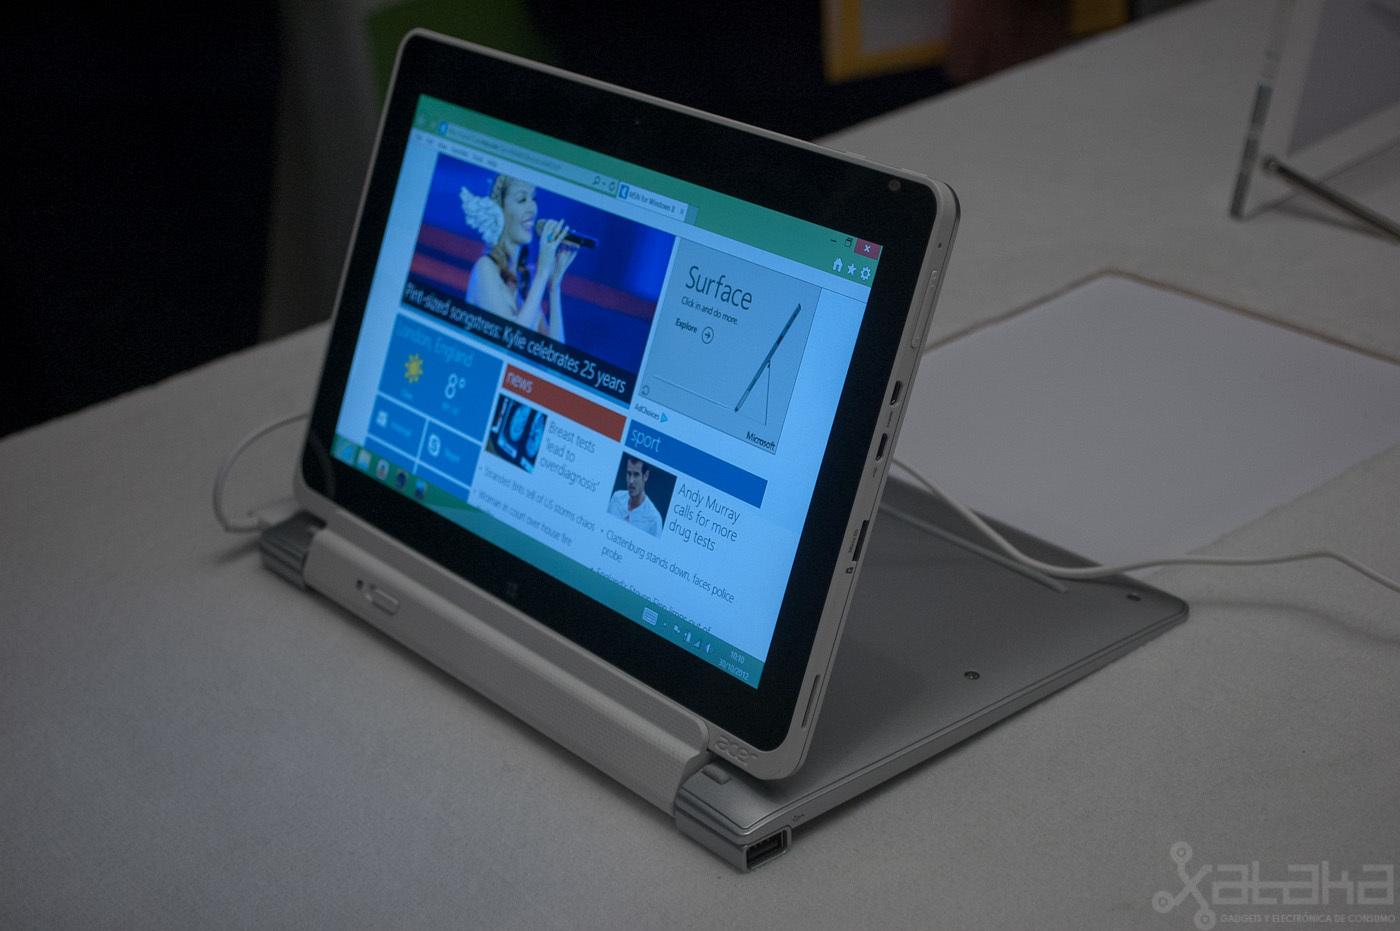 Foto de Acer Iconia W510, primeras impresiones (5/14)